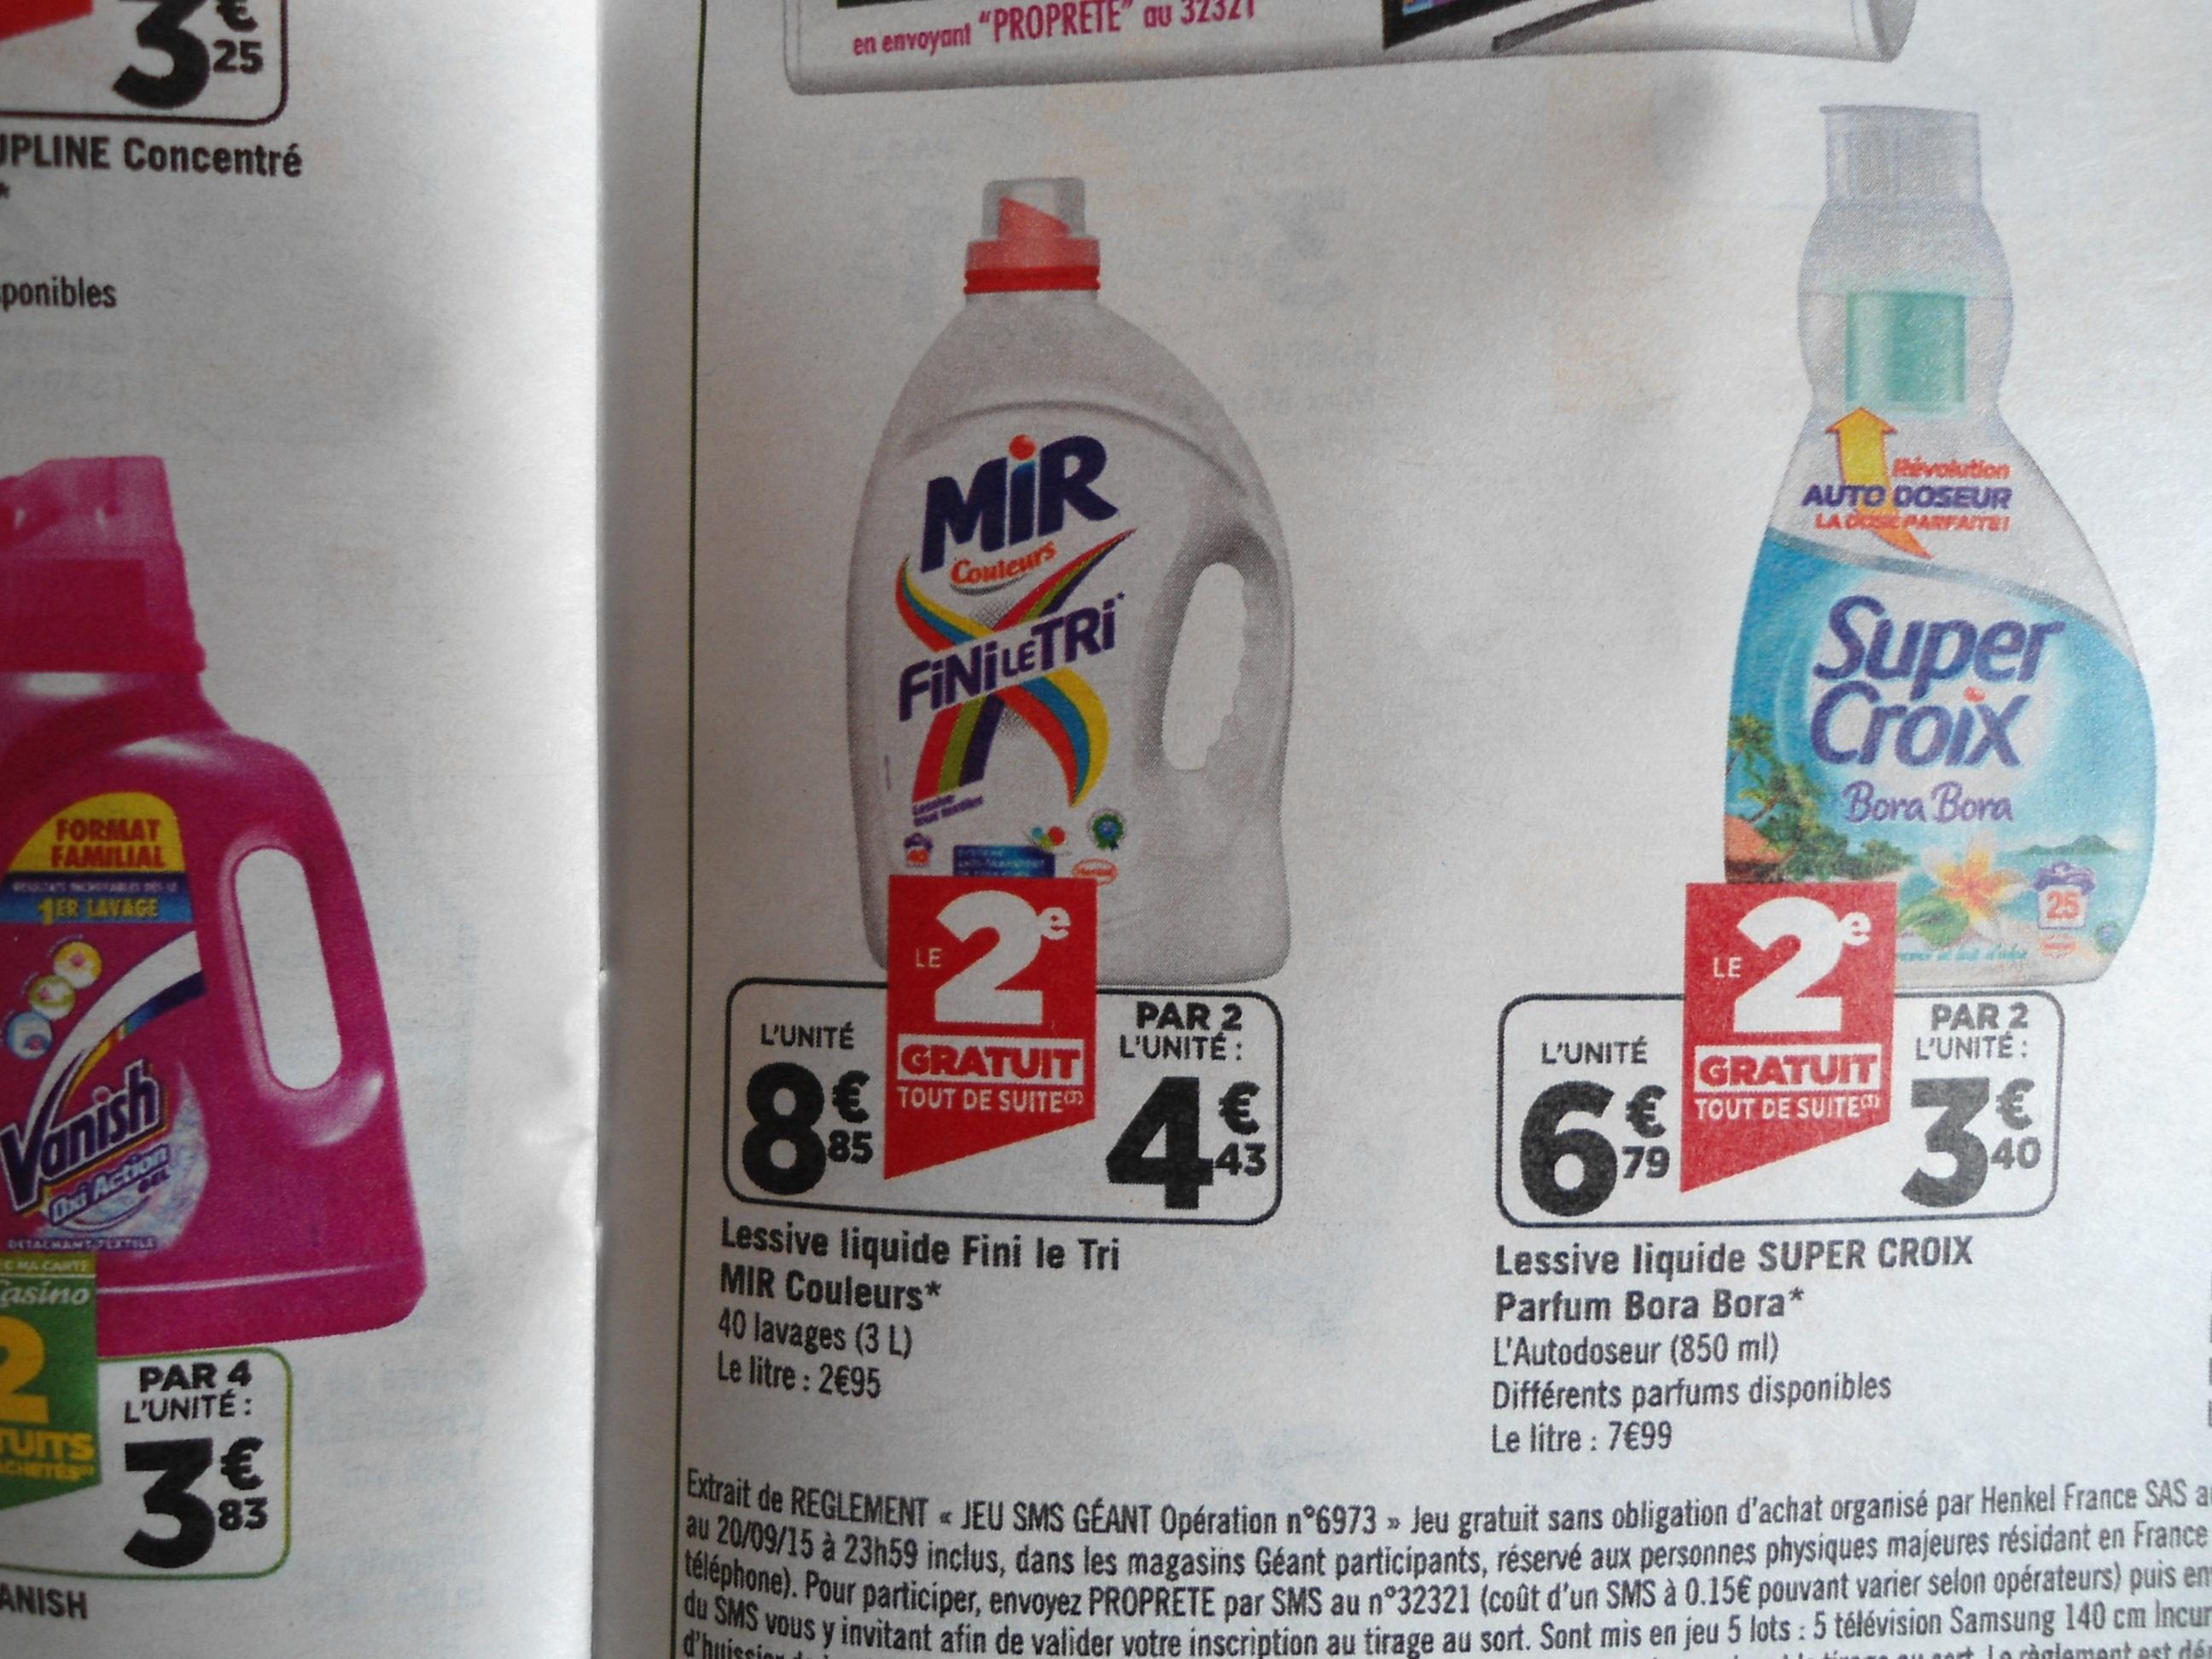 2 Bidons de Lessive Mir Couleur Fini Le Tri - 2x40 lavages 3L (via BDR)